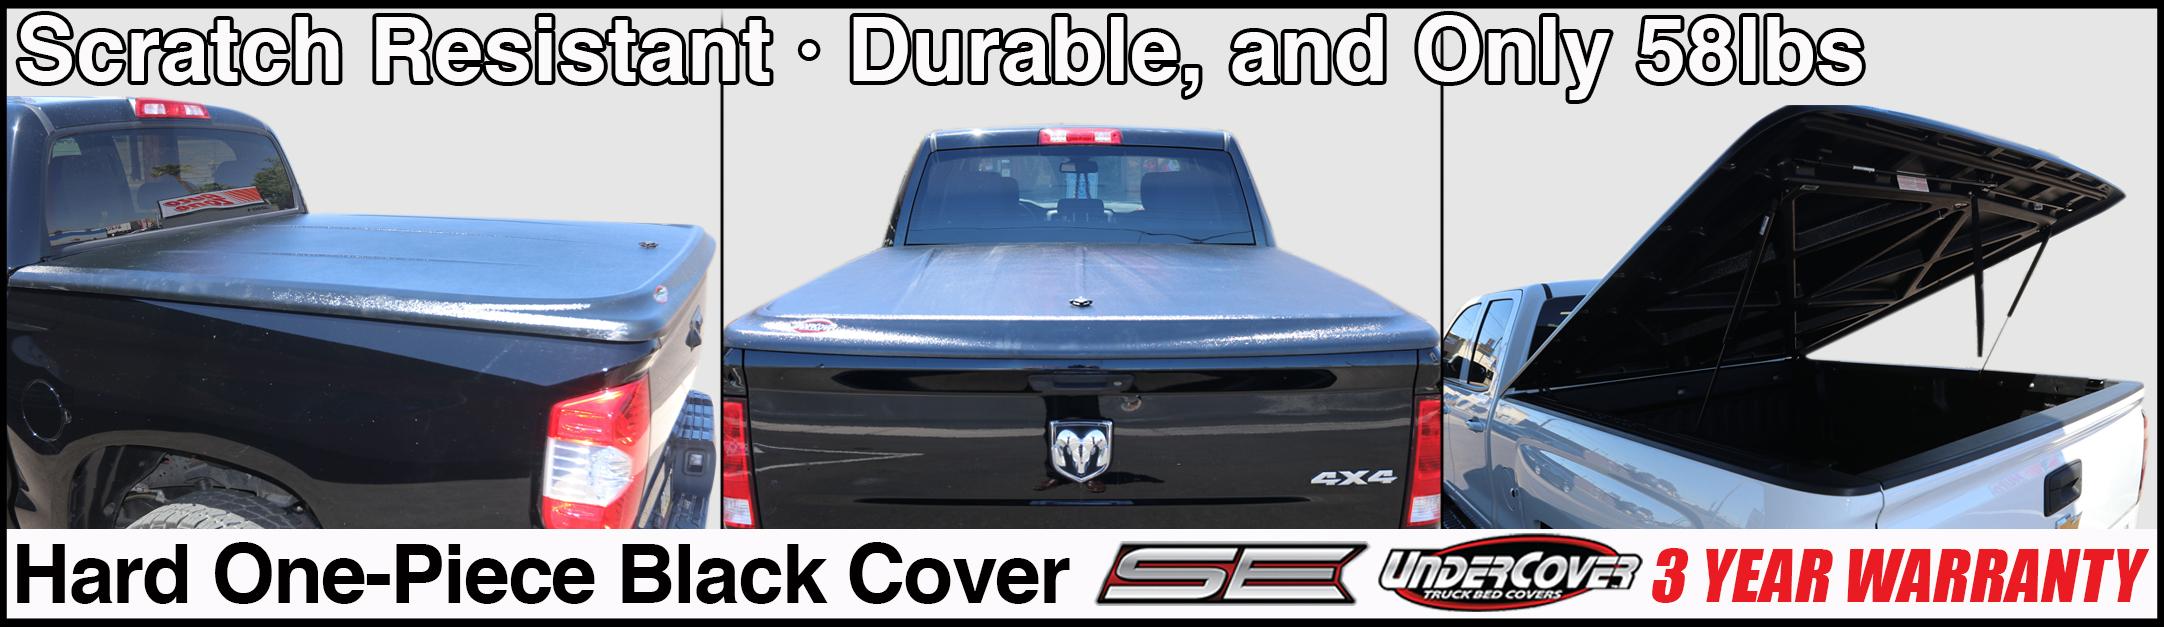 undercover se black tonneau cover in tucson az